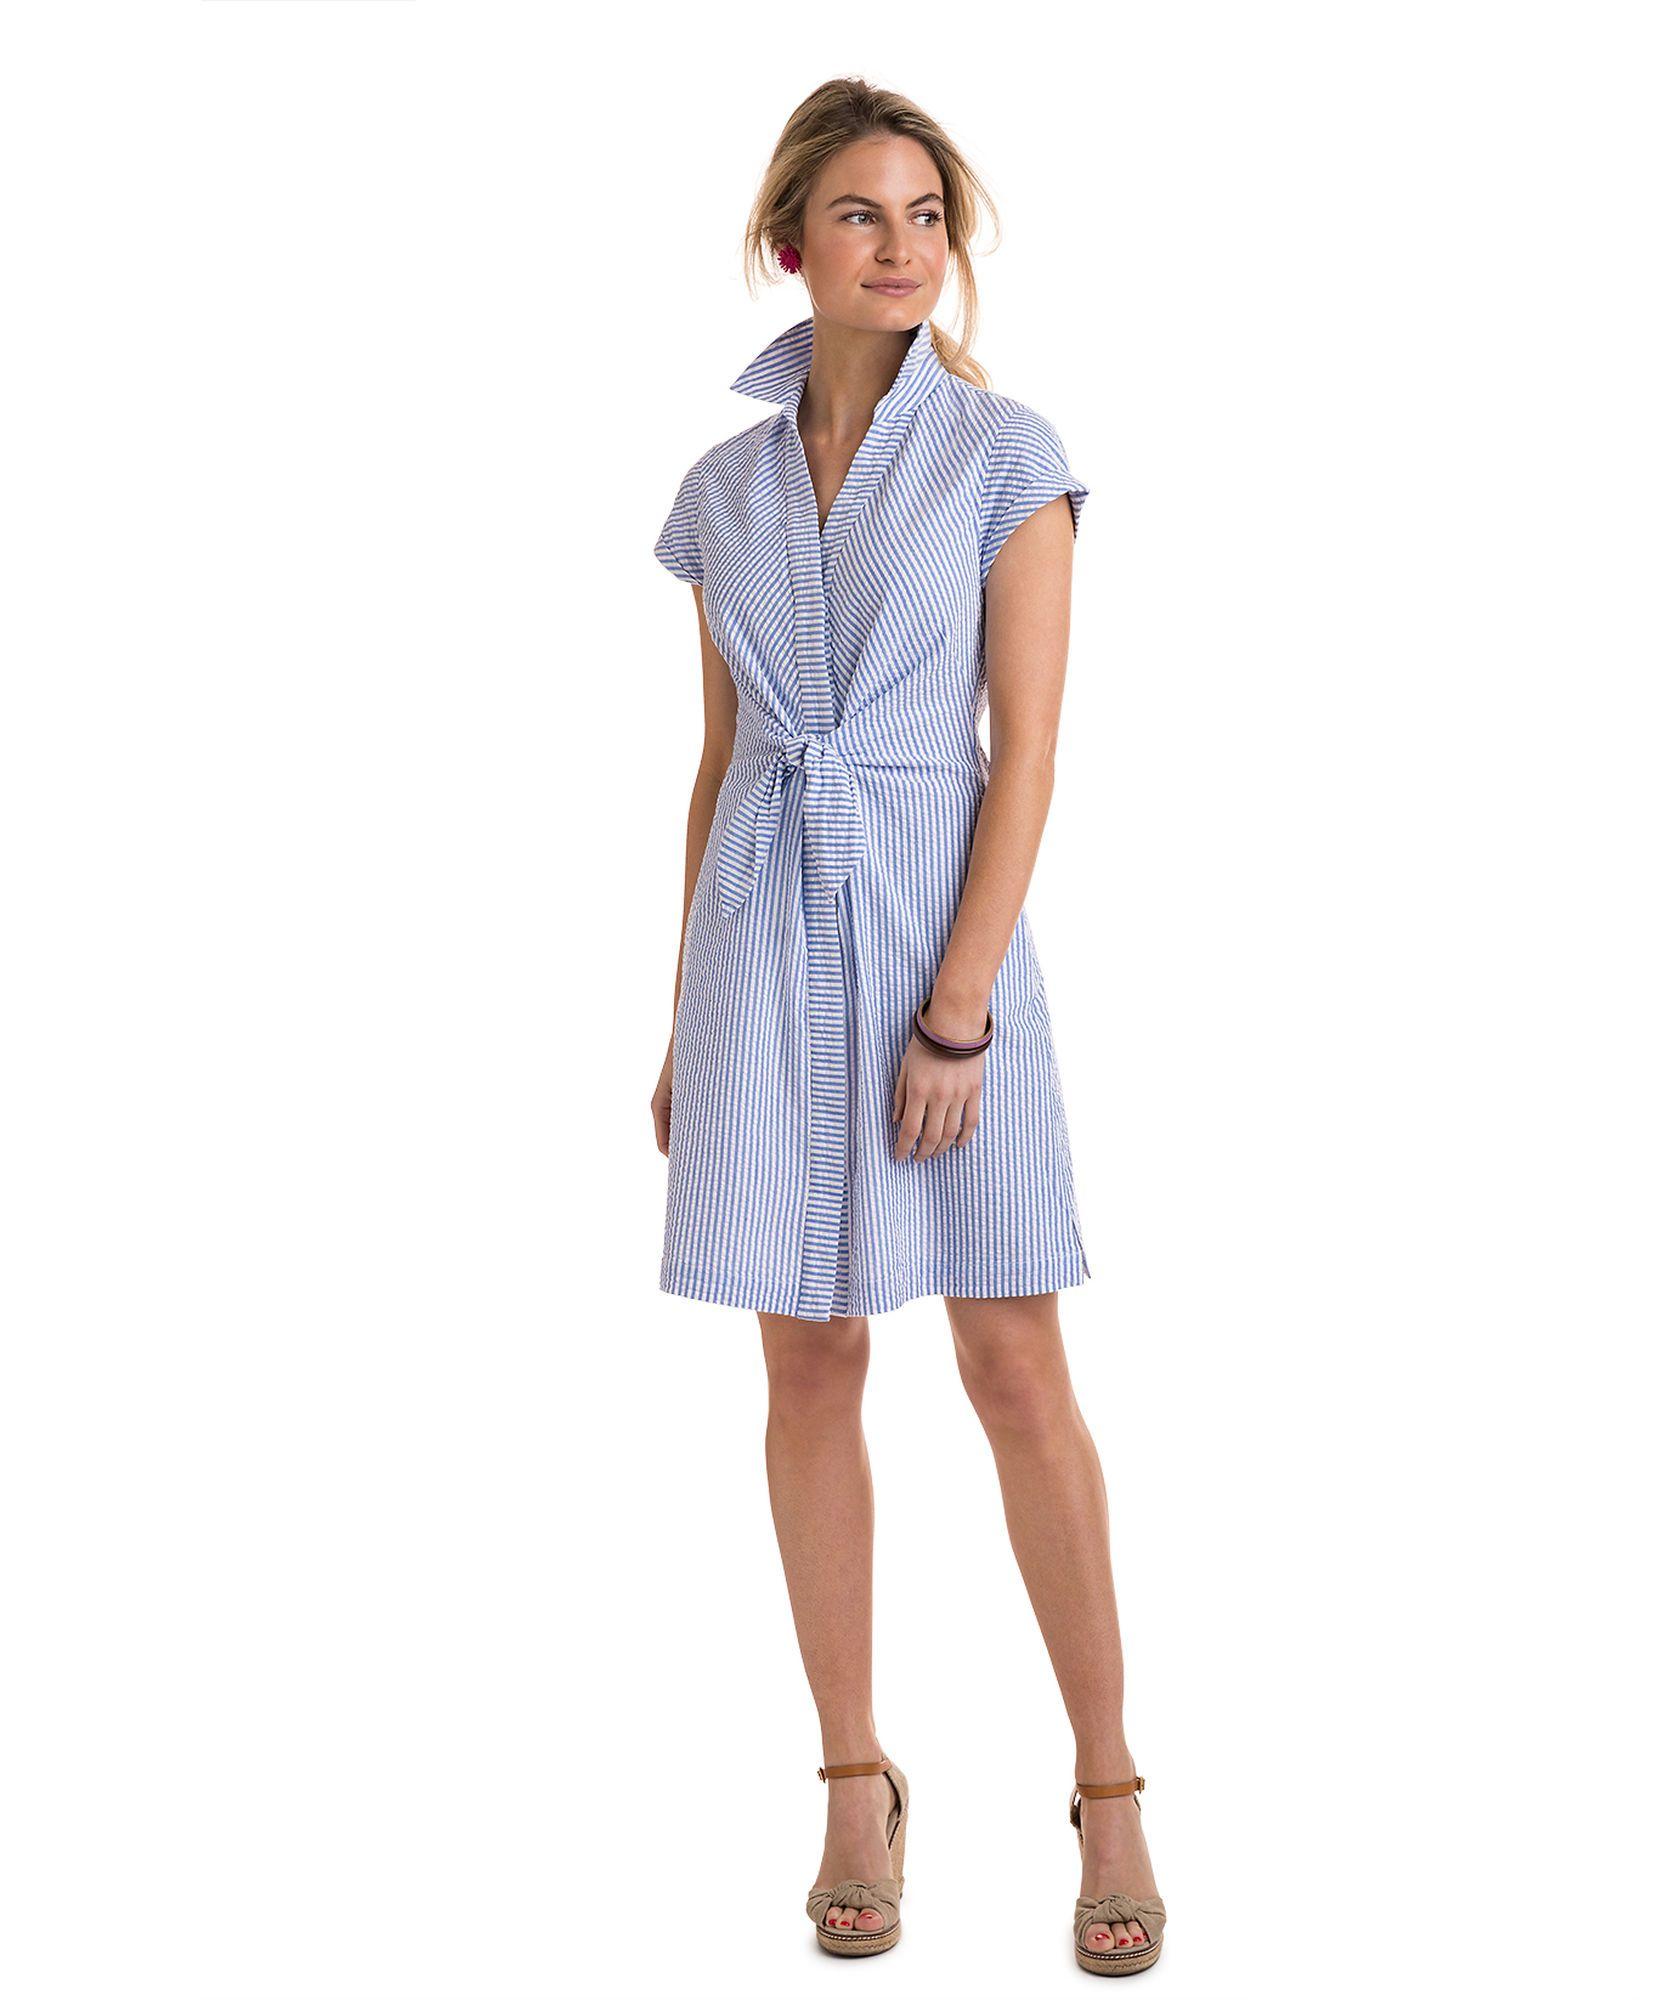 a63027e977 Tie Front Seersucker Shirt Dress | Feminine Frocks in 2019 ...